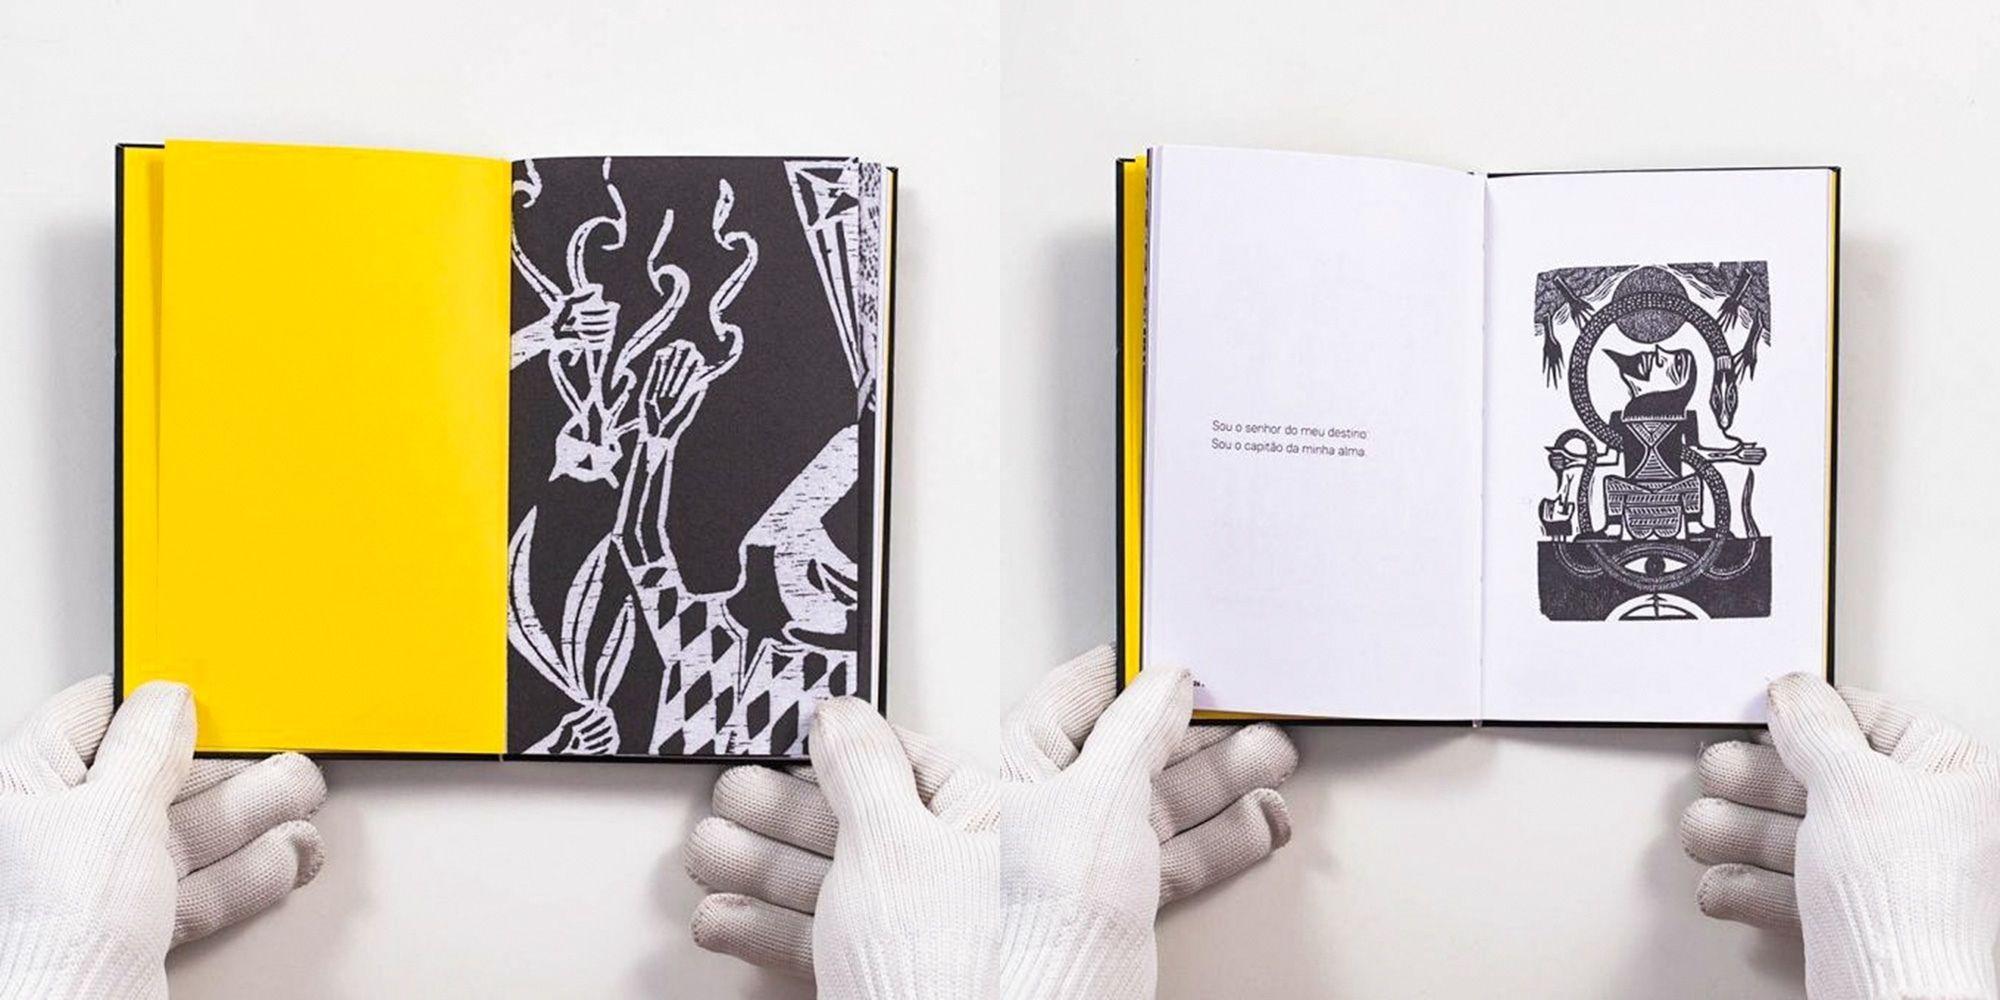 livro com poema invictus aberto